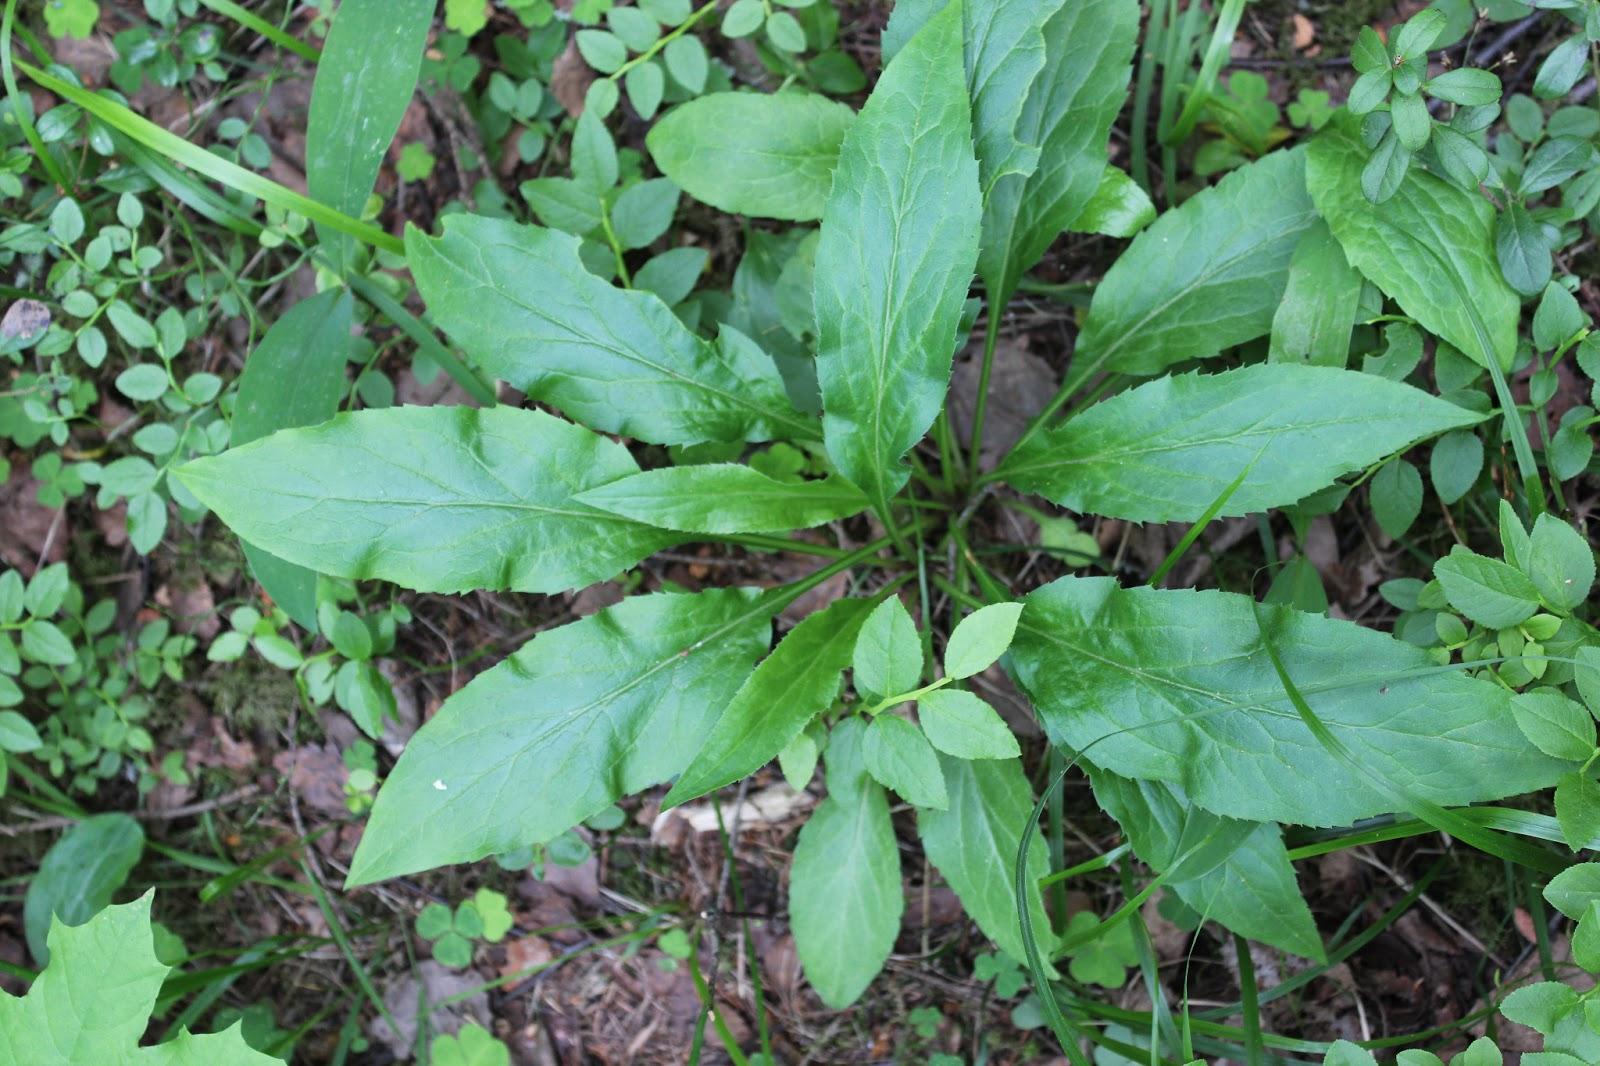 Suomalaiset rohdoskasvit